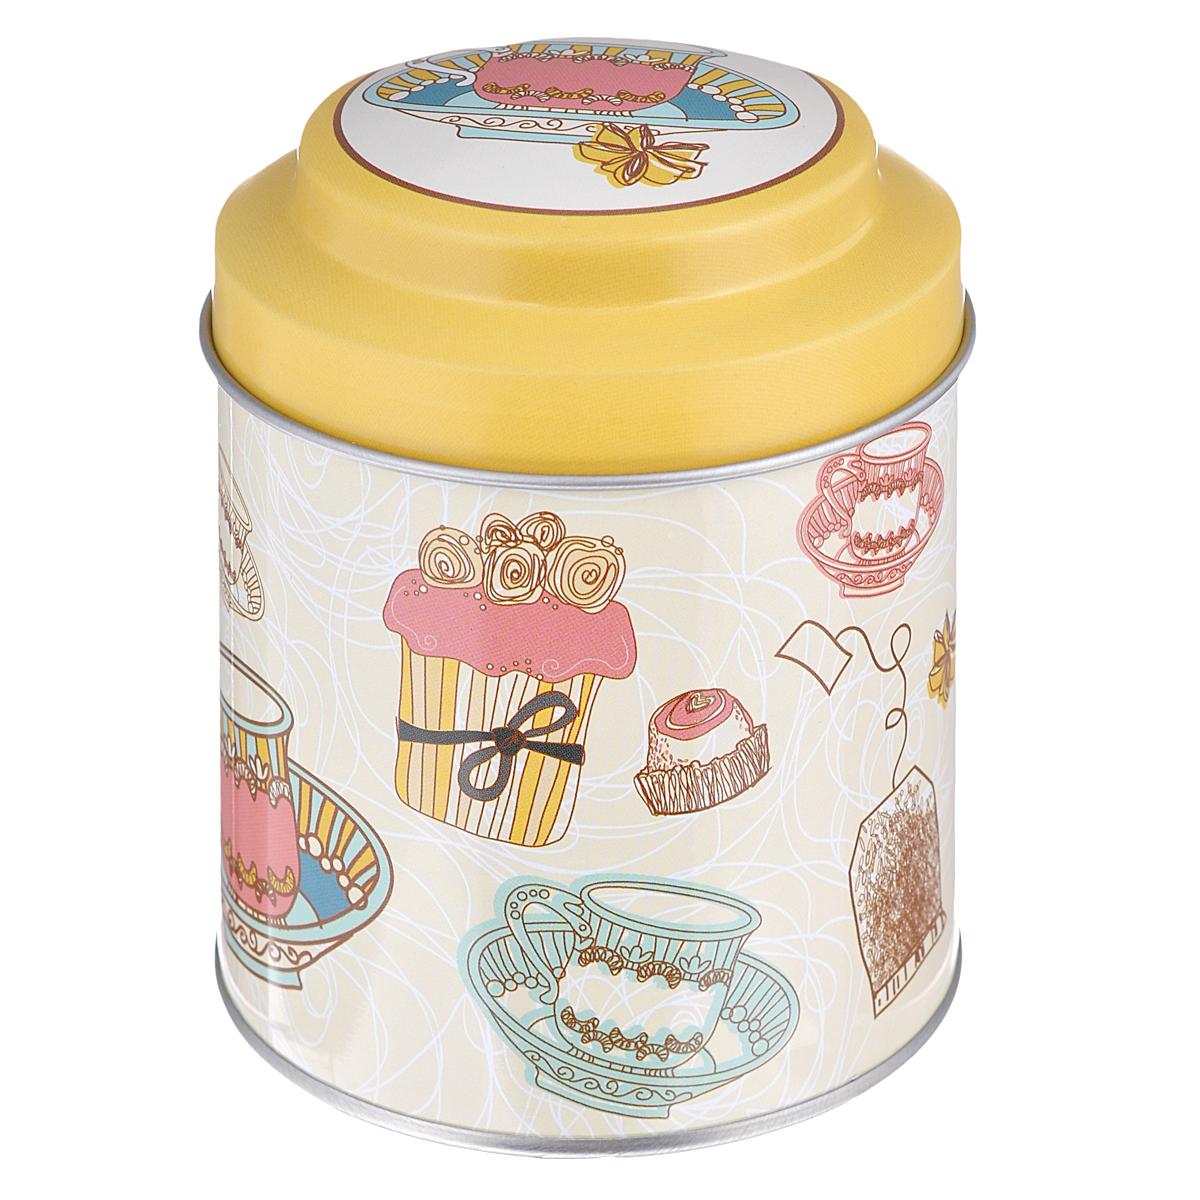 Банка для сыпучих продуктов Феникс-презент Чайное утро, 680 мл37644Банка для сыпучих продуктов Феникс-презент Чайное утро, изготовленная из окрашенного черного металла, оформлена ярким рисунком. Банка прекрасно подойдет для хранения различных сыпучих продуктов: специй, чая, кофе, сахара, круп и многого другого. Емкость плотно закрывается крышкой. Благодаря этому она будет дольше сохранять свежесть ваших продуктов. Функциональная и вместительная, такая банка станет незаменимым аксессуаром на любой кухне. Нельзя мыть в посудомоечной машине. Объем банки: 680 мл. Высота банки (без учета крышки): 10 см. Диаметр банки (по верхнему краю): 9 см.